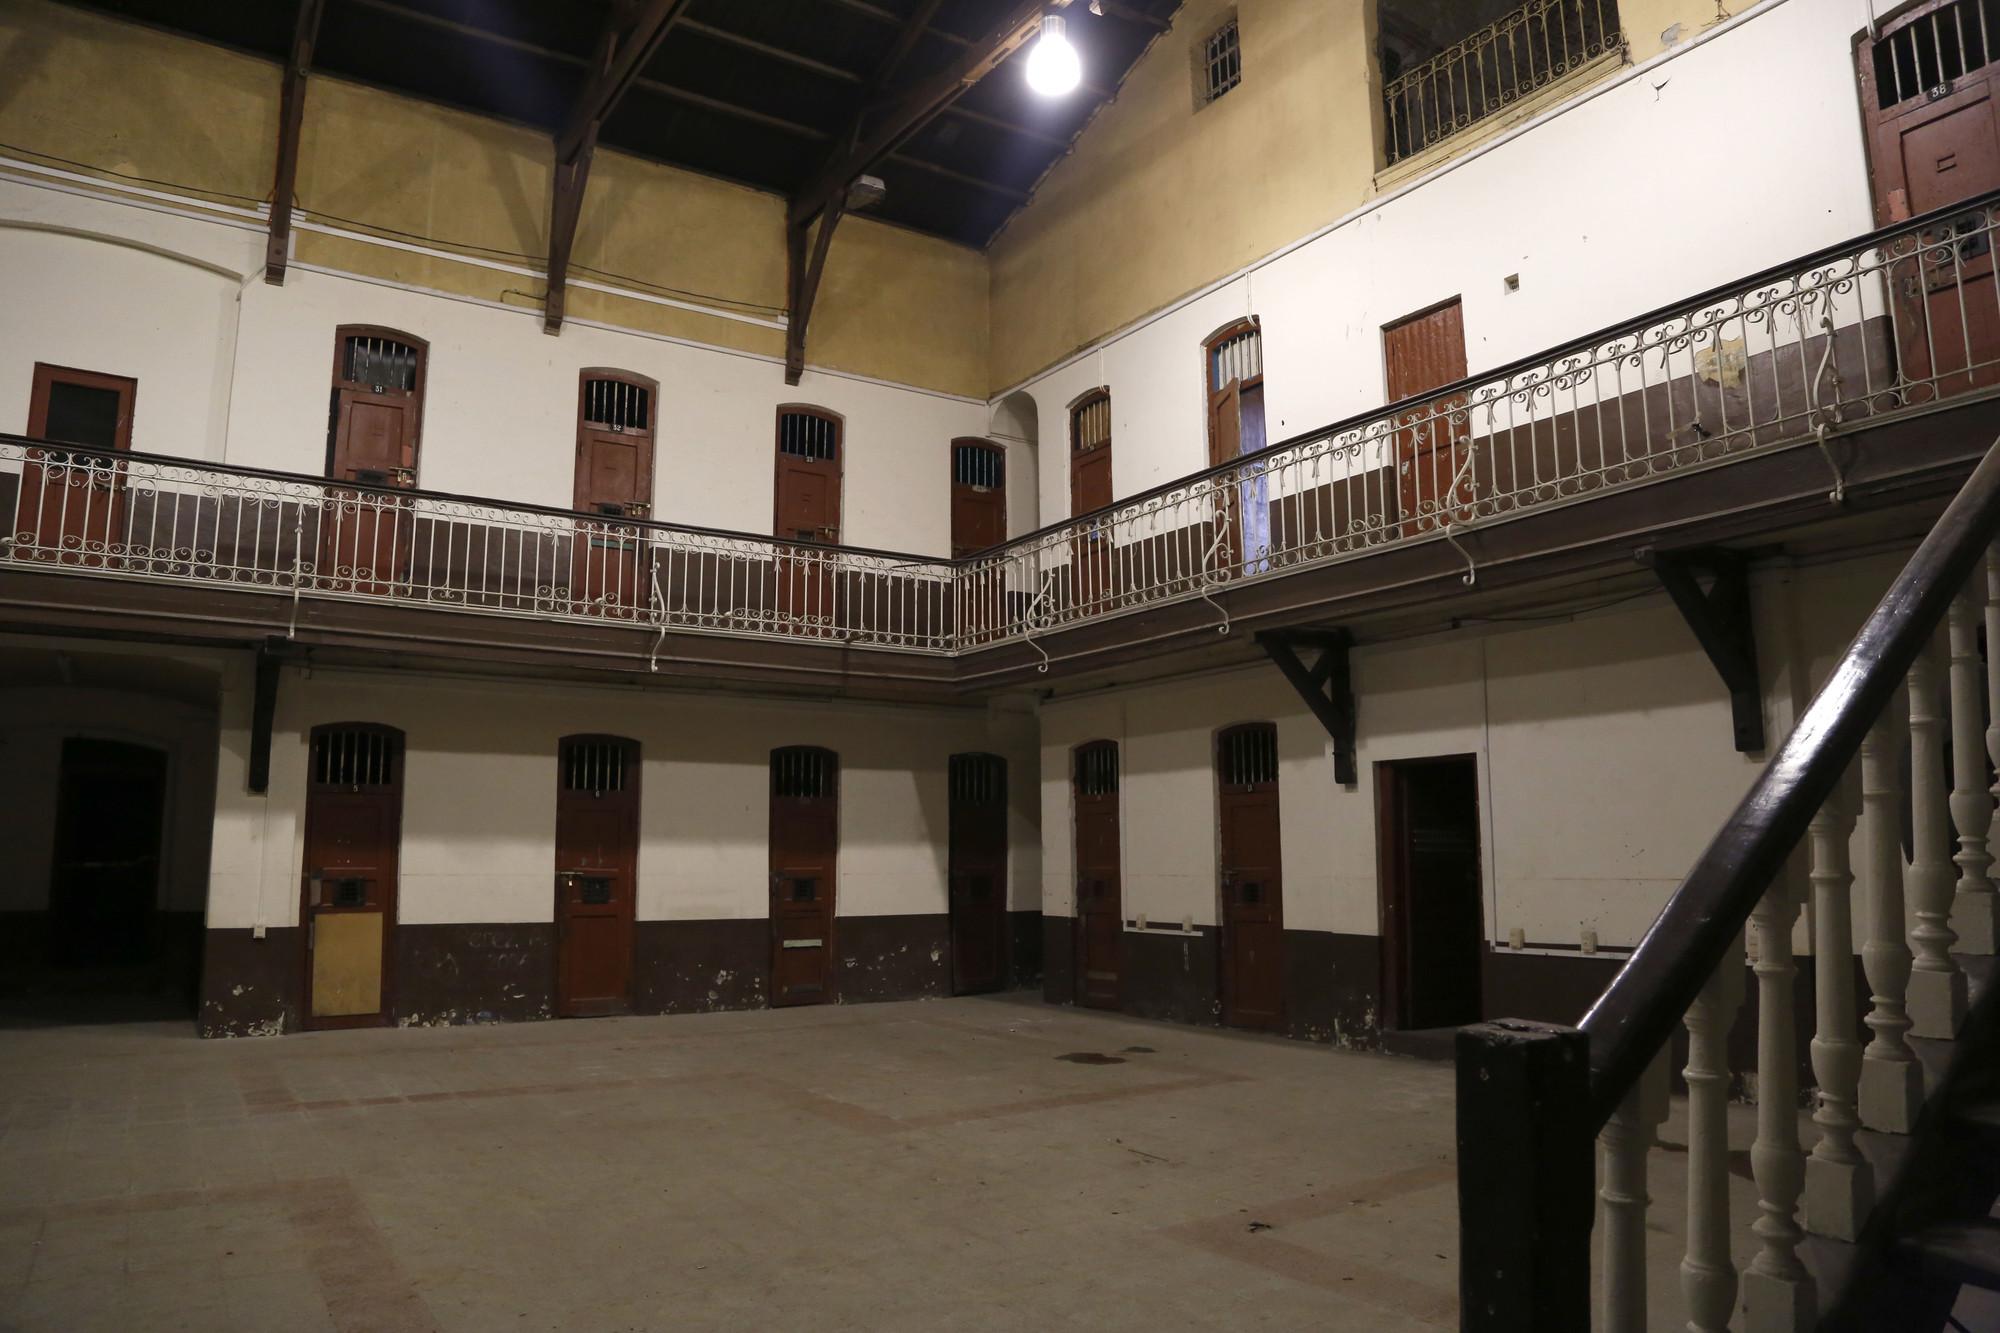 Resultados Concurso Biblioteca Y Archivo Regional De Magallanes  # Muebles Punta Arenas